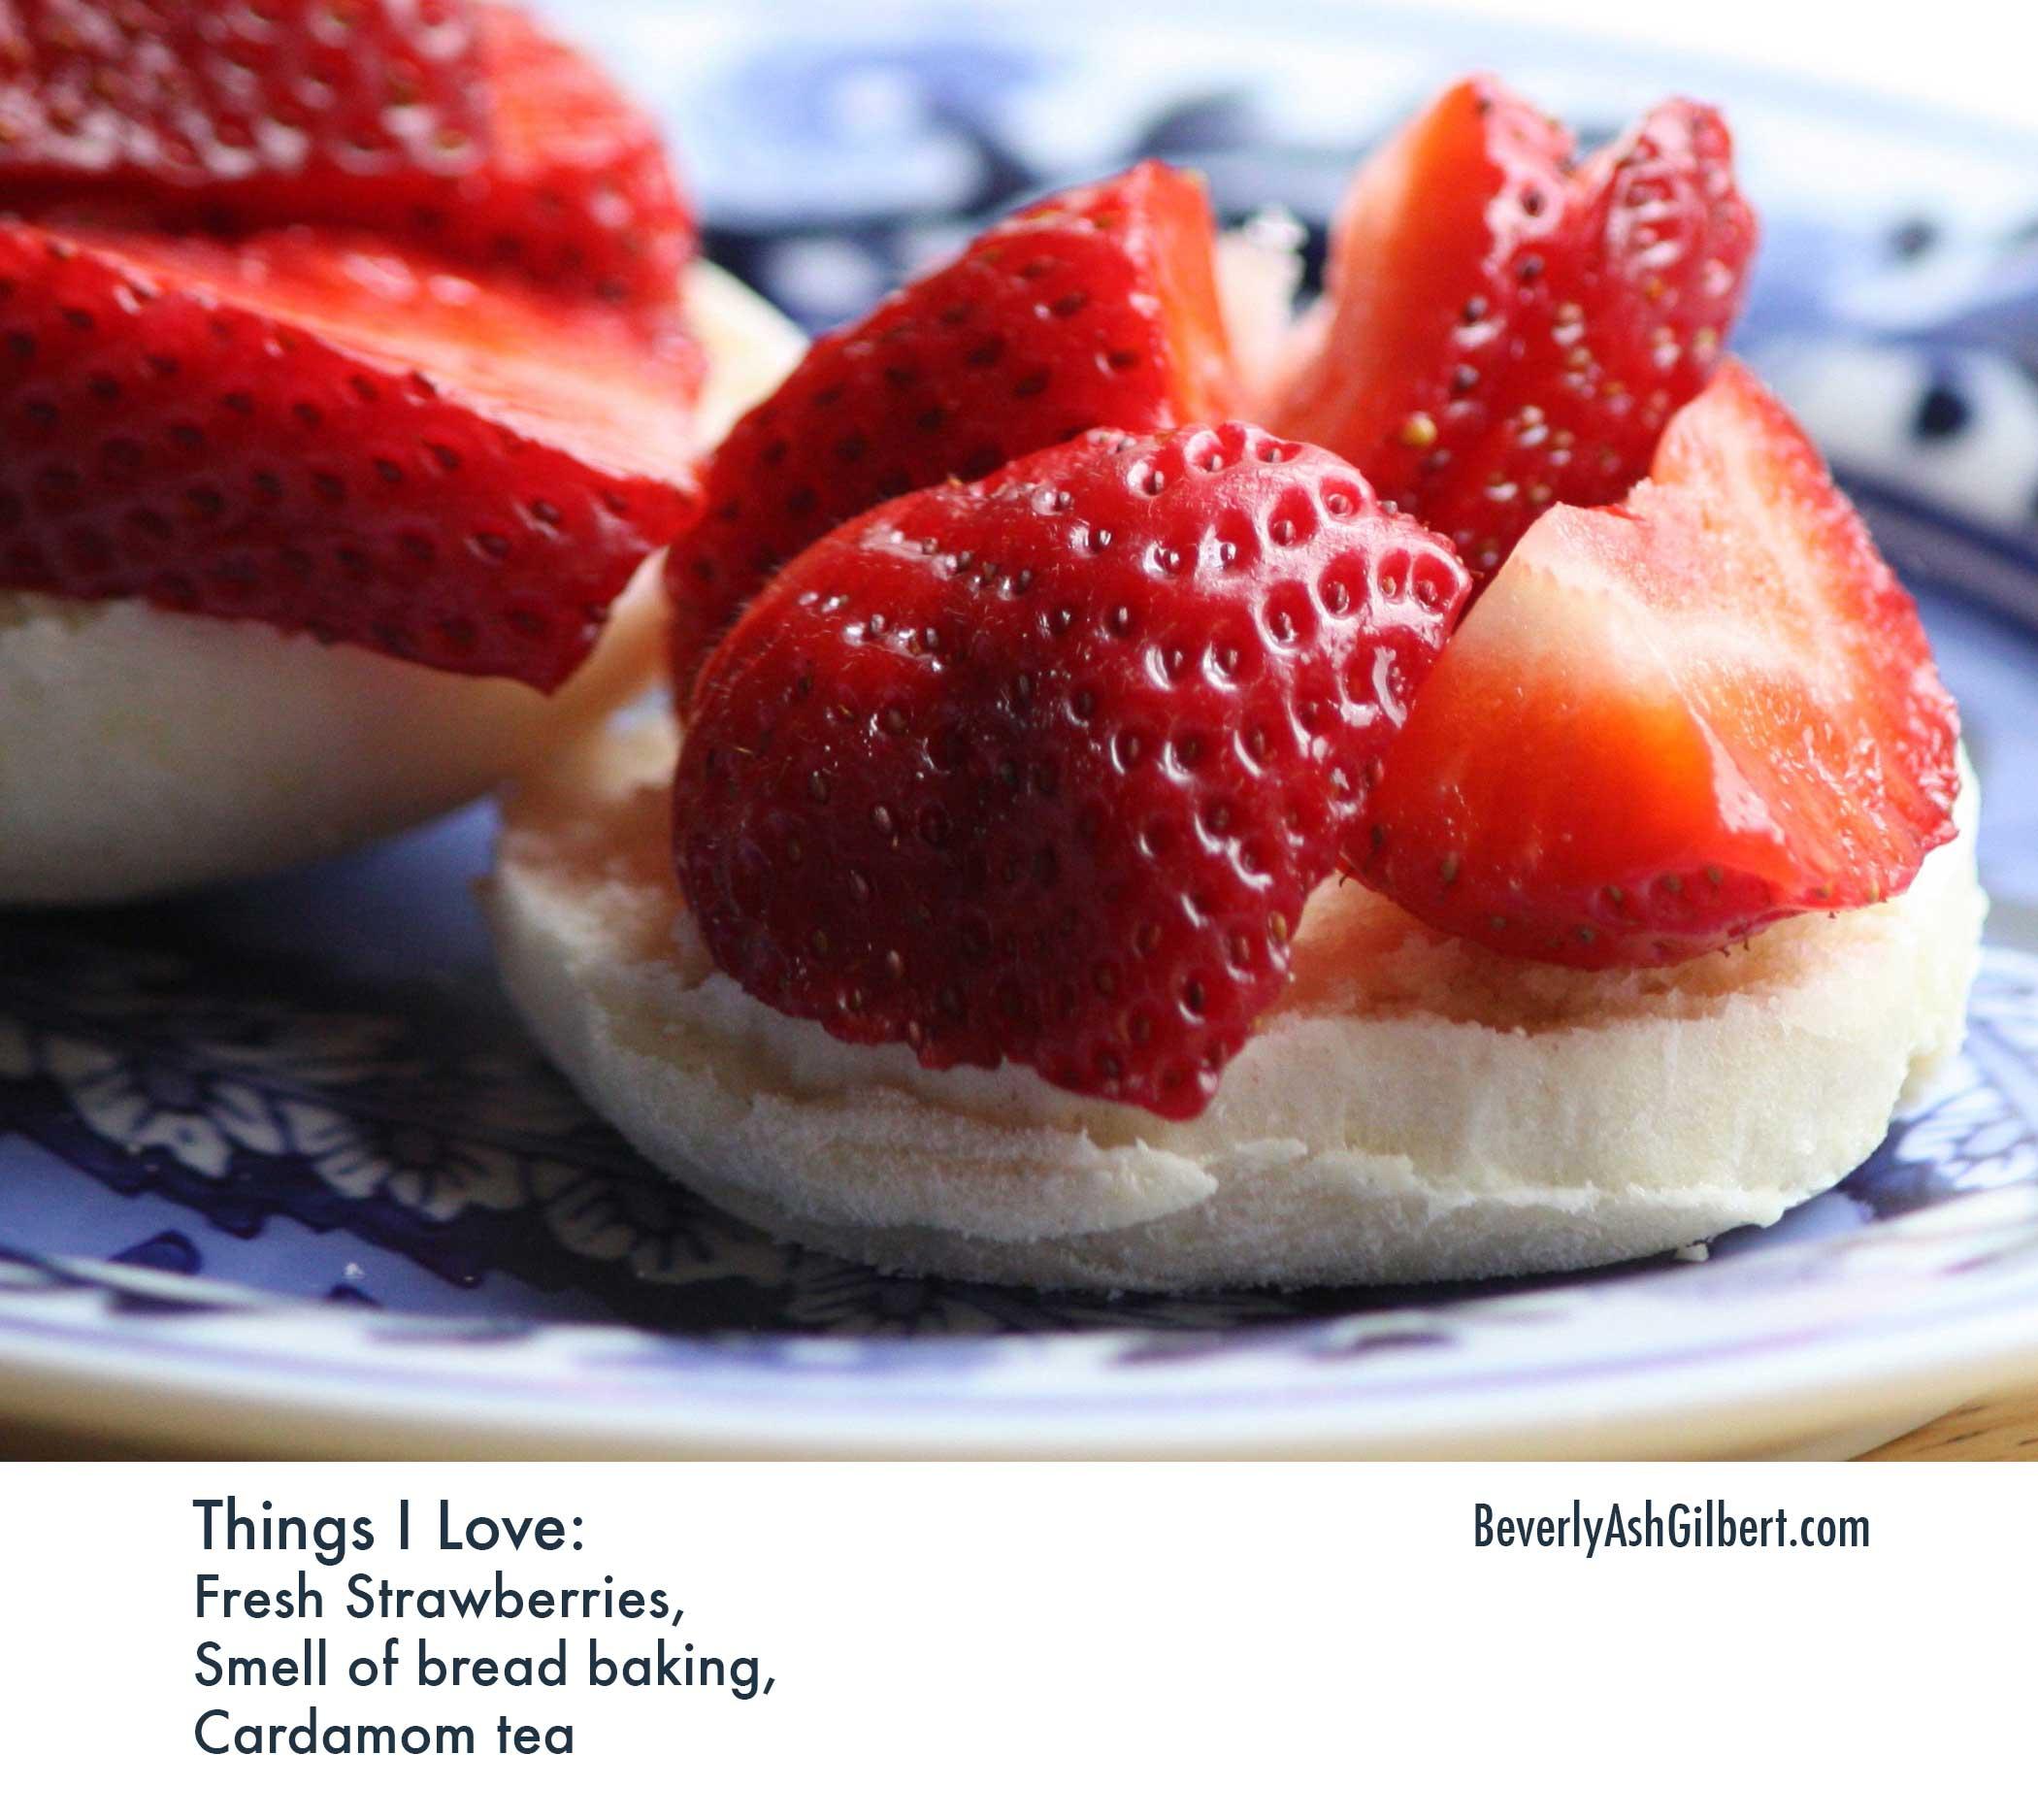 ThingsILove_Strawberries.jpg